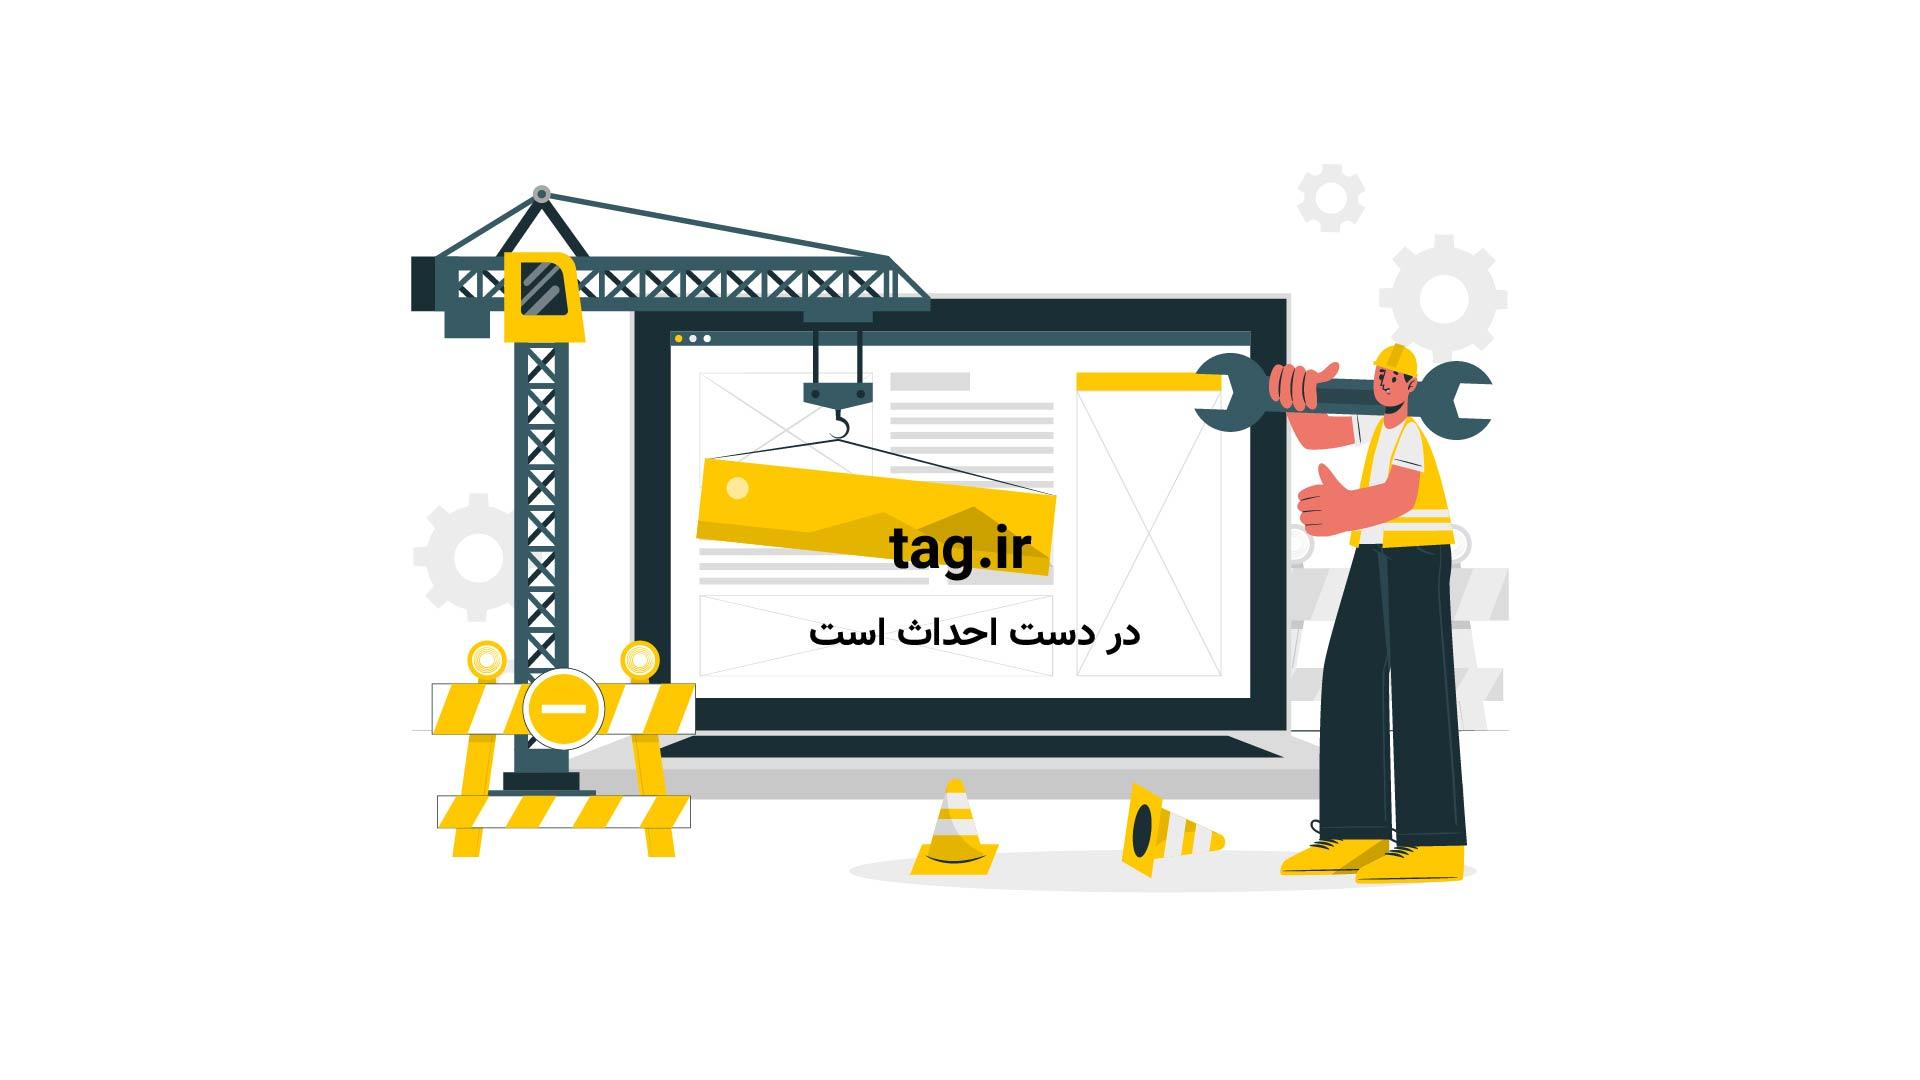 فیل | تگ